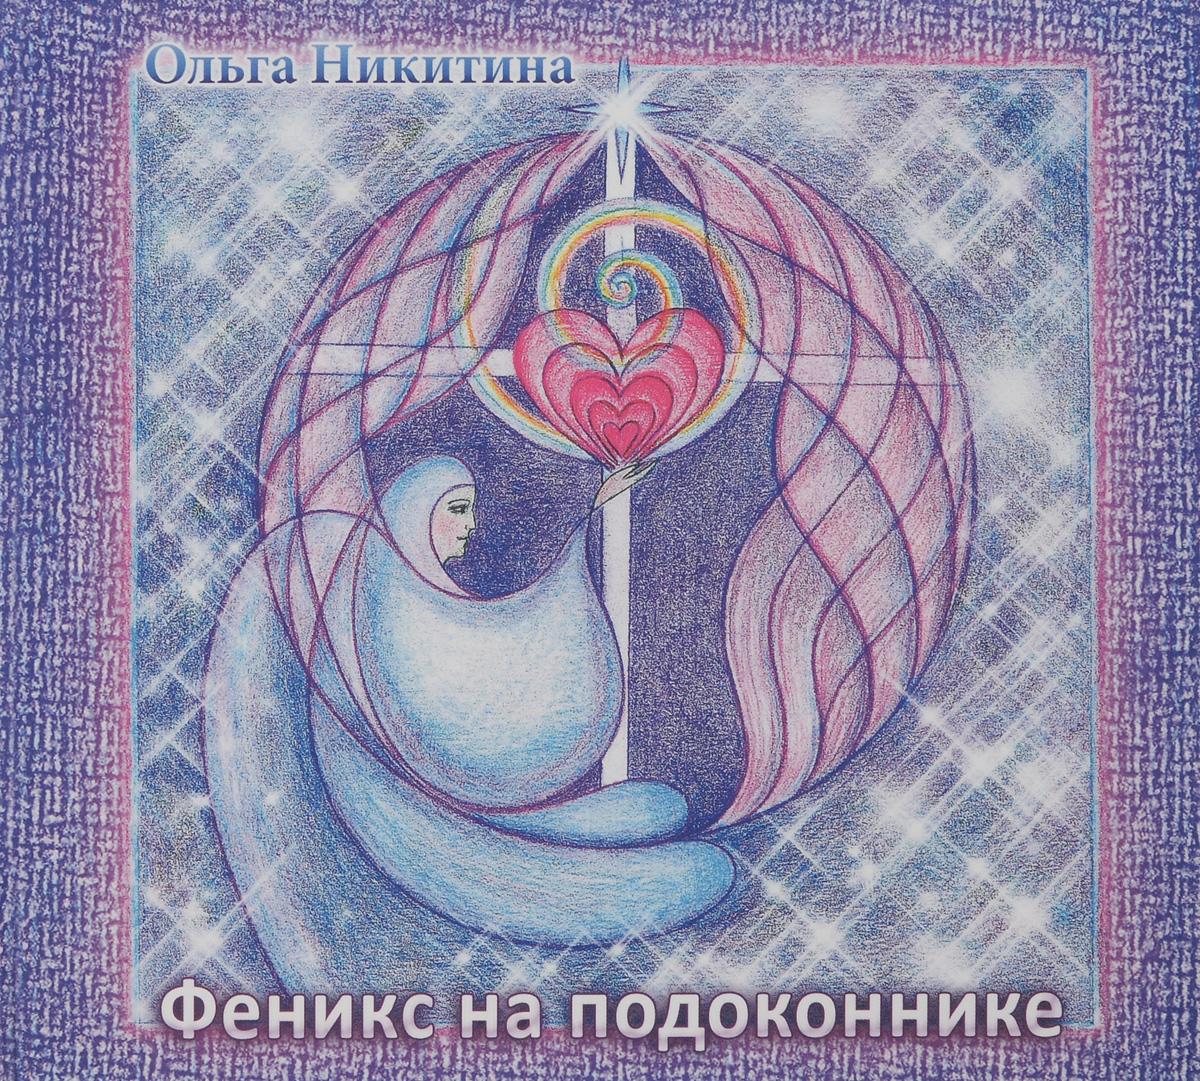 Ольга Никитина Ольга Никитина. Феникс на подоконнике надежда рашковская никитина екатеринбург